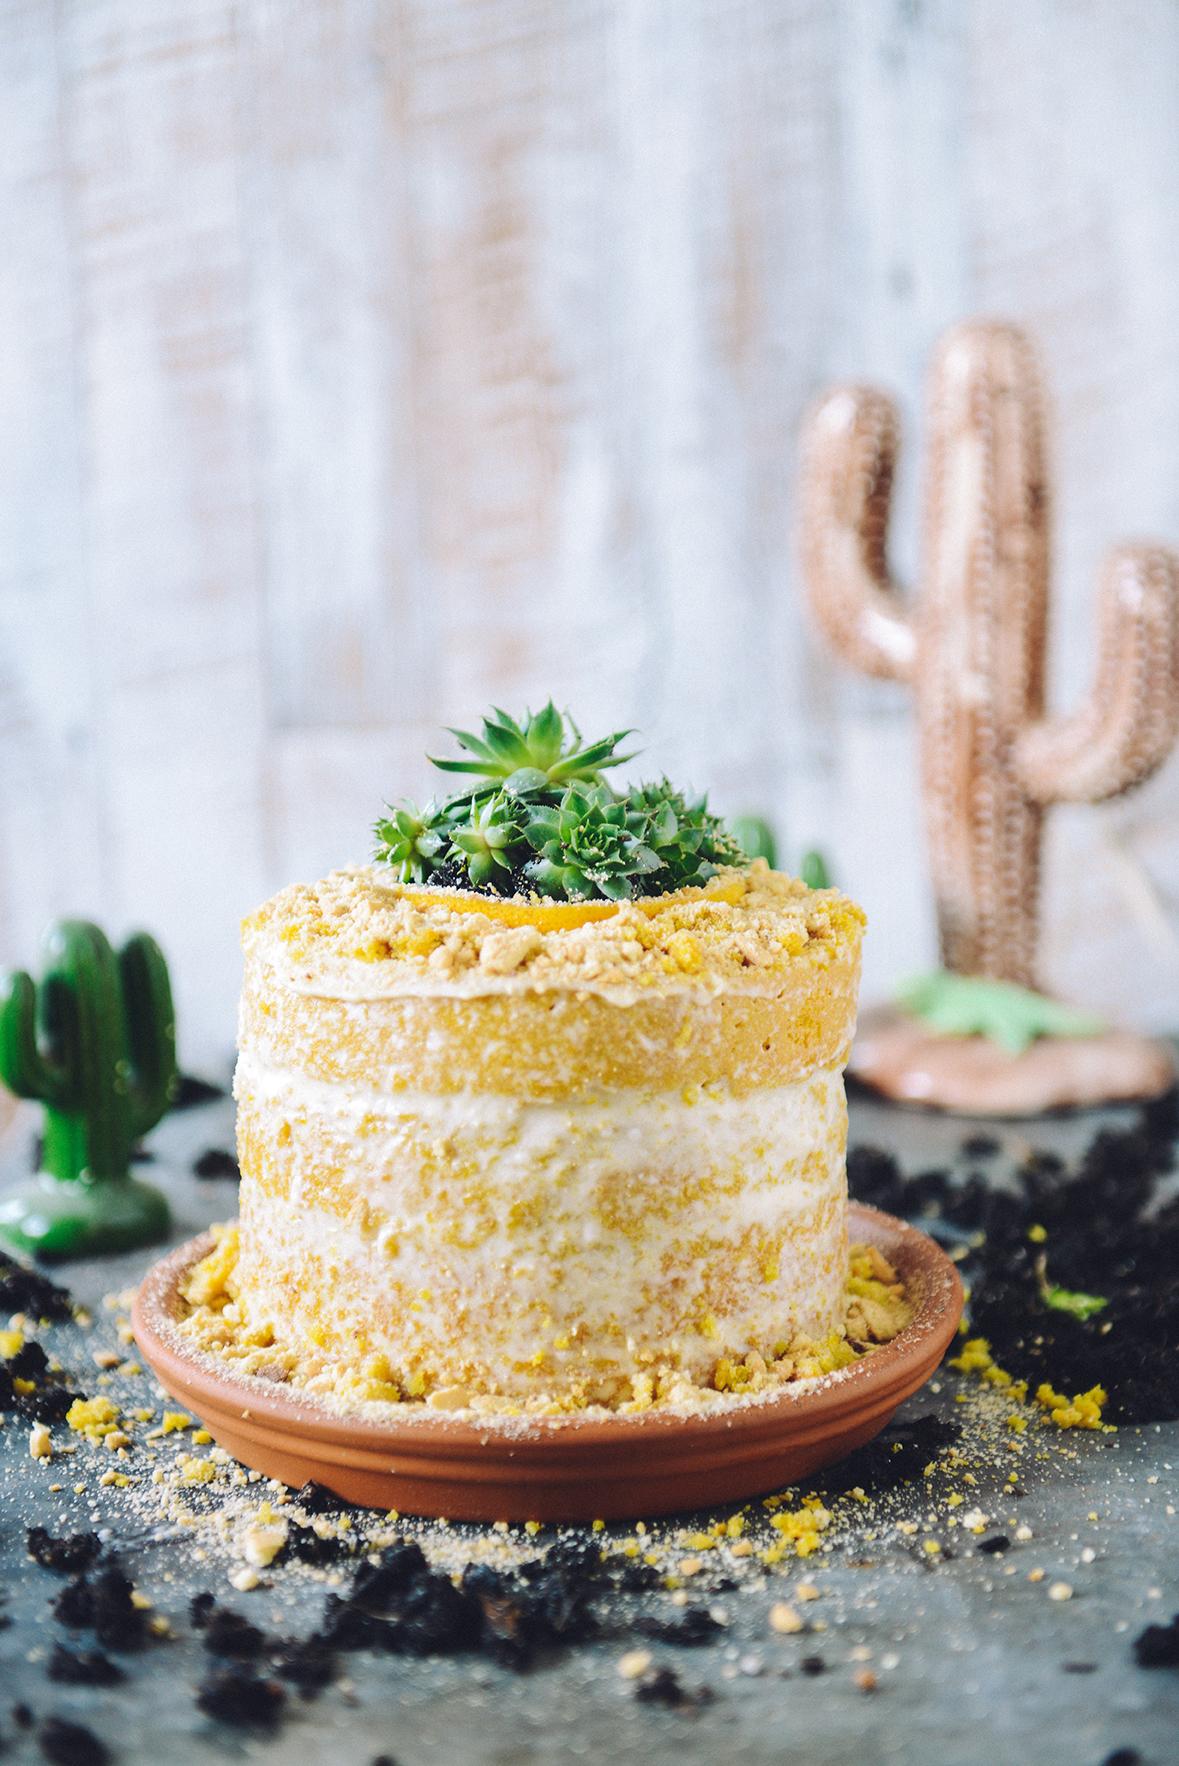 A Desert-Inspired Lemon Ginger Turmeric Layer Cake